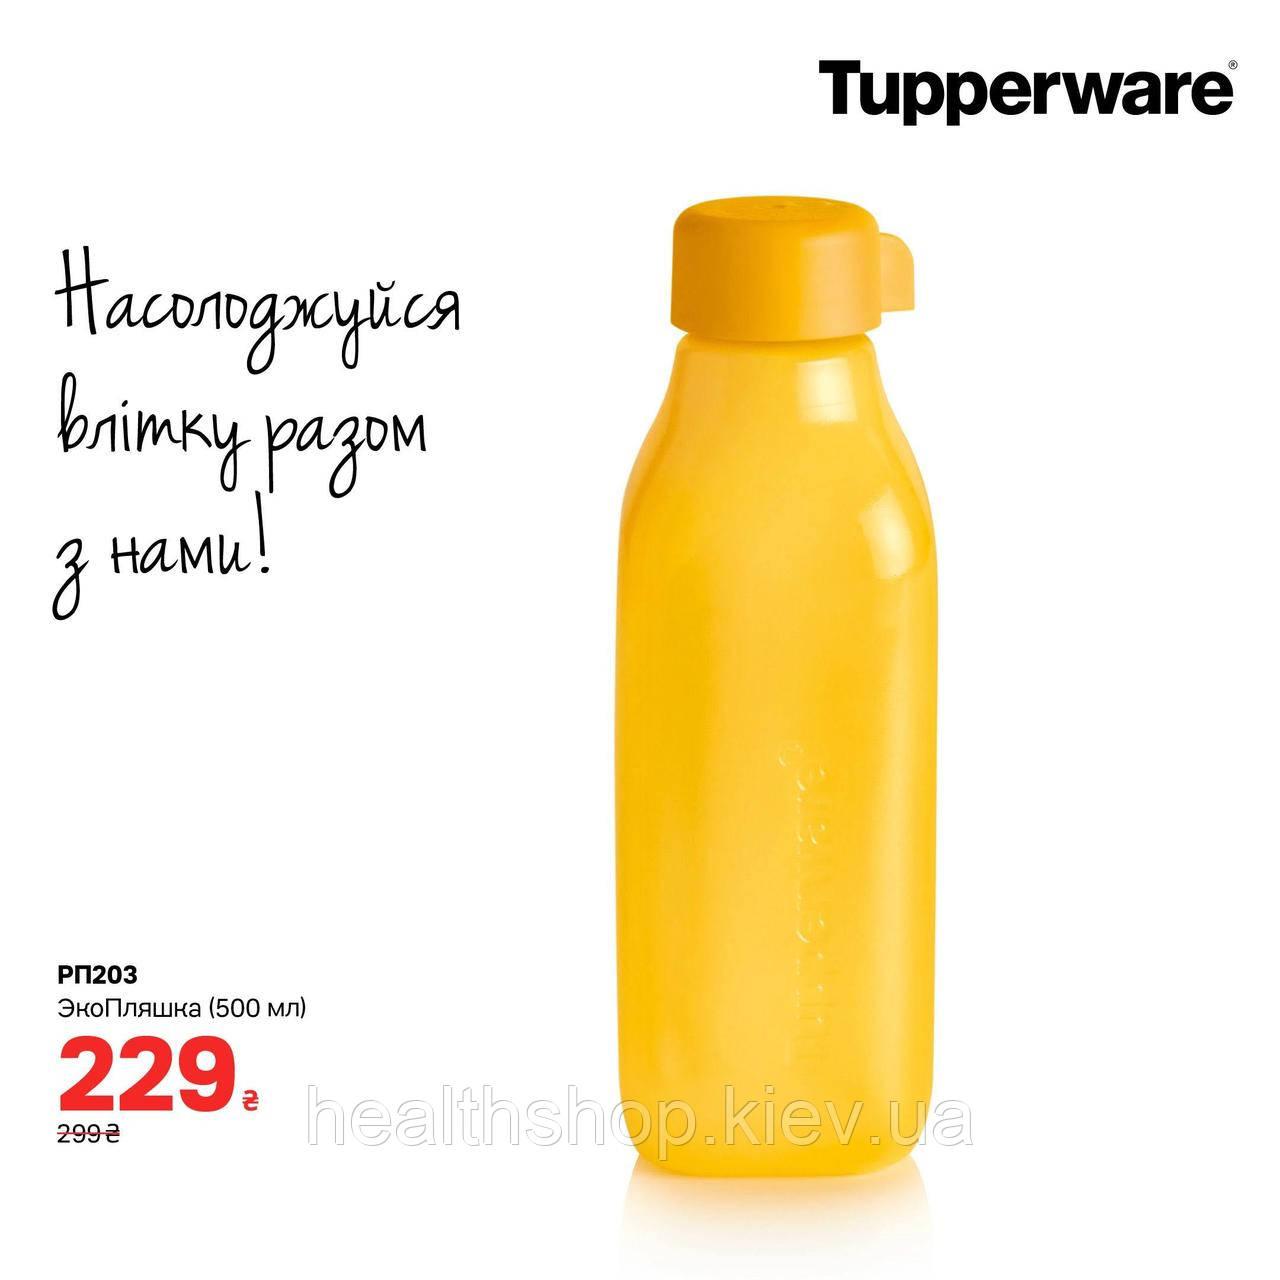 Еко-пляшка (500 мл) квадратна з гвинтовою кришкою, багаторазова пляшка для води Tupperware (Оригінал)